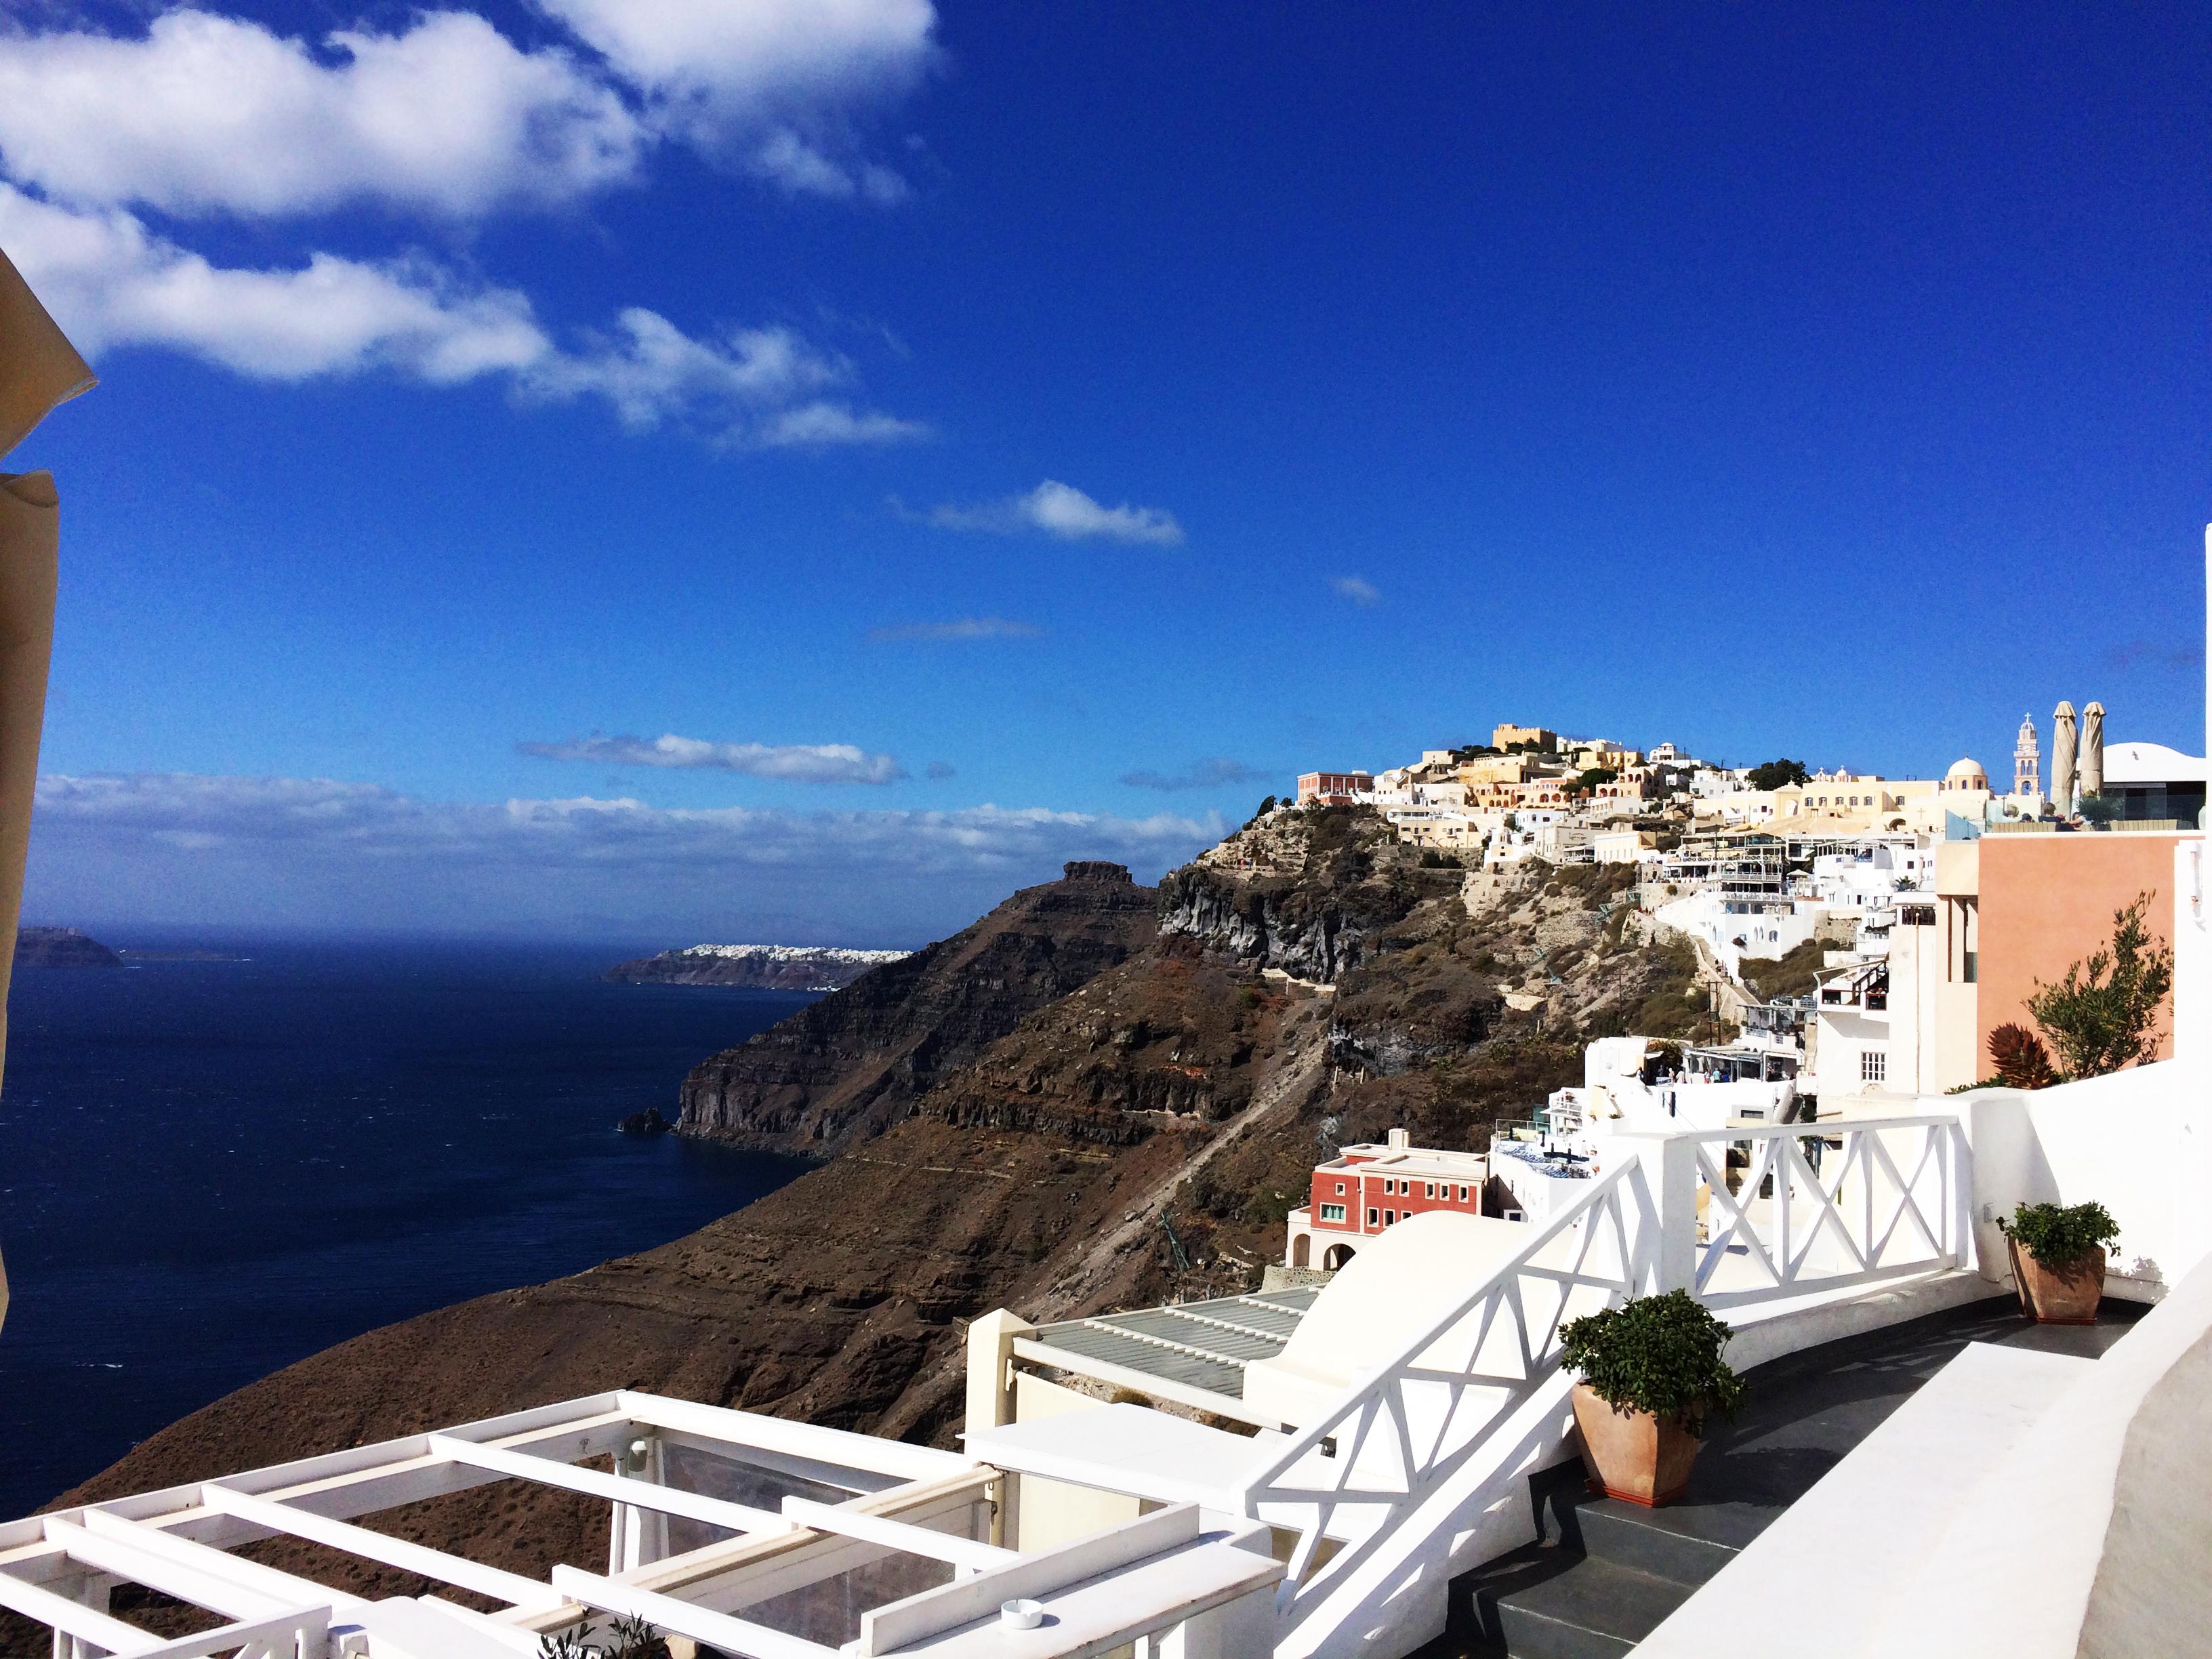 Santorini Grčka plavo more